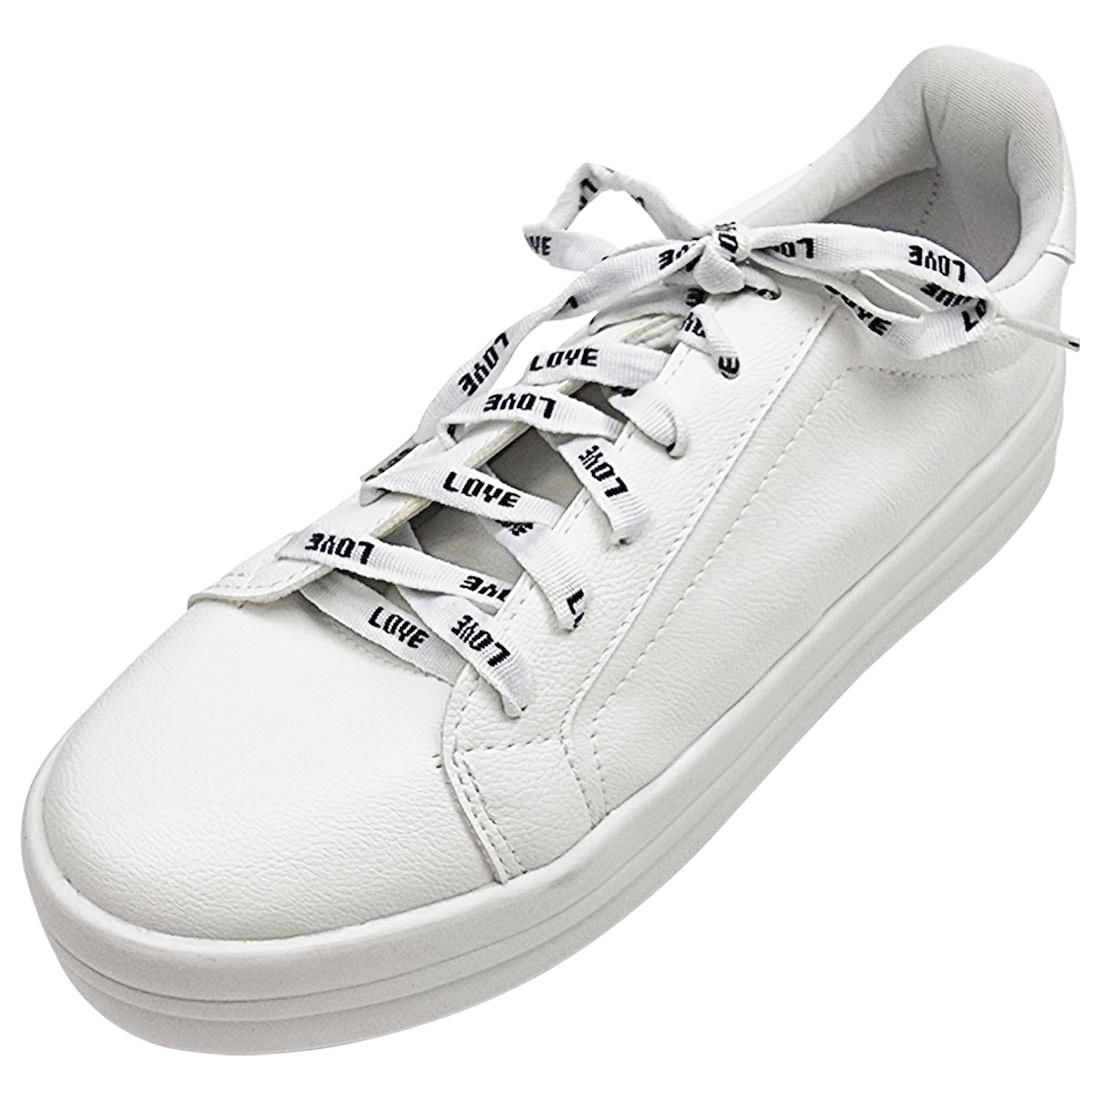 Tênis Flatform com Cadarço Love - Branco